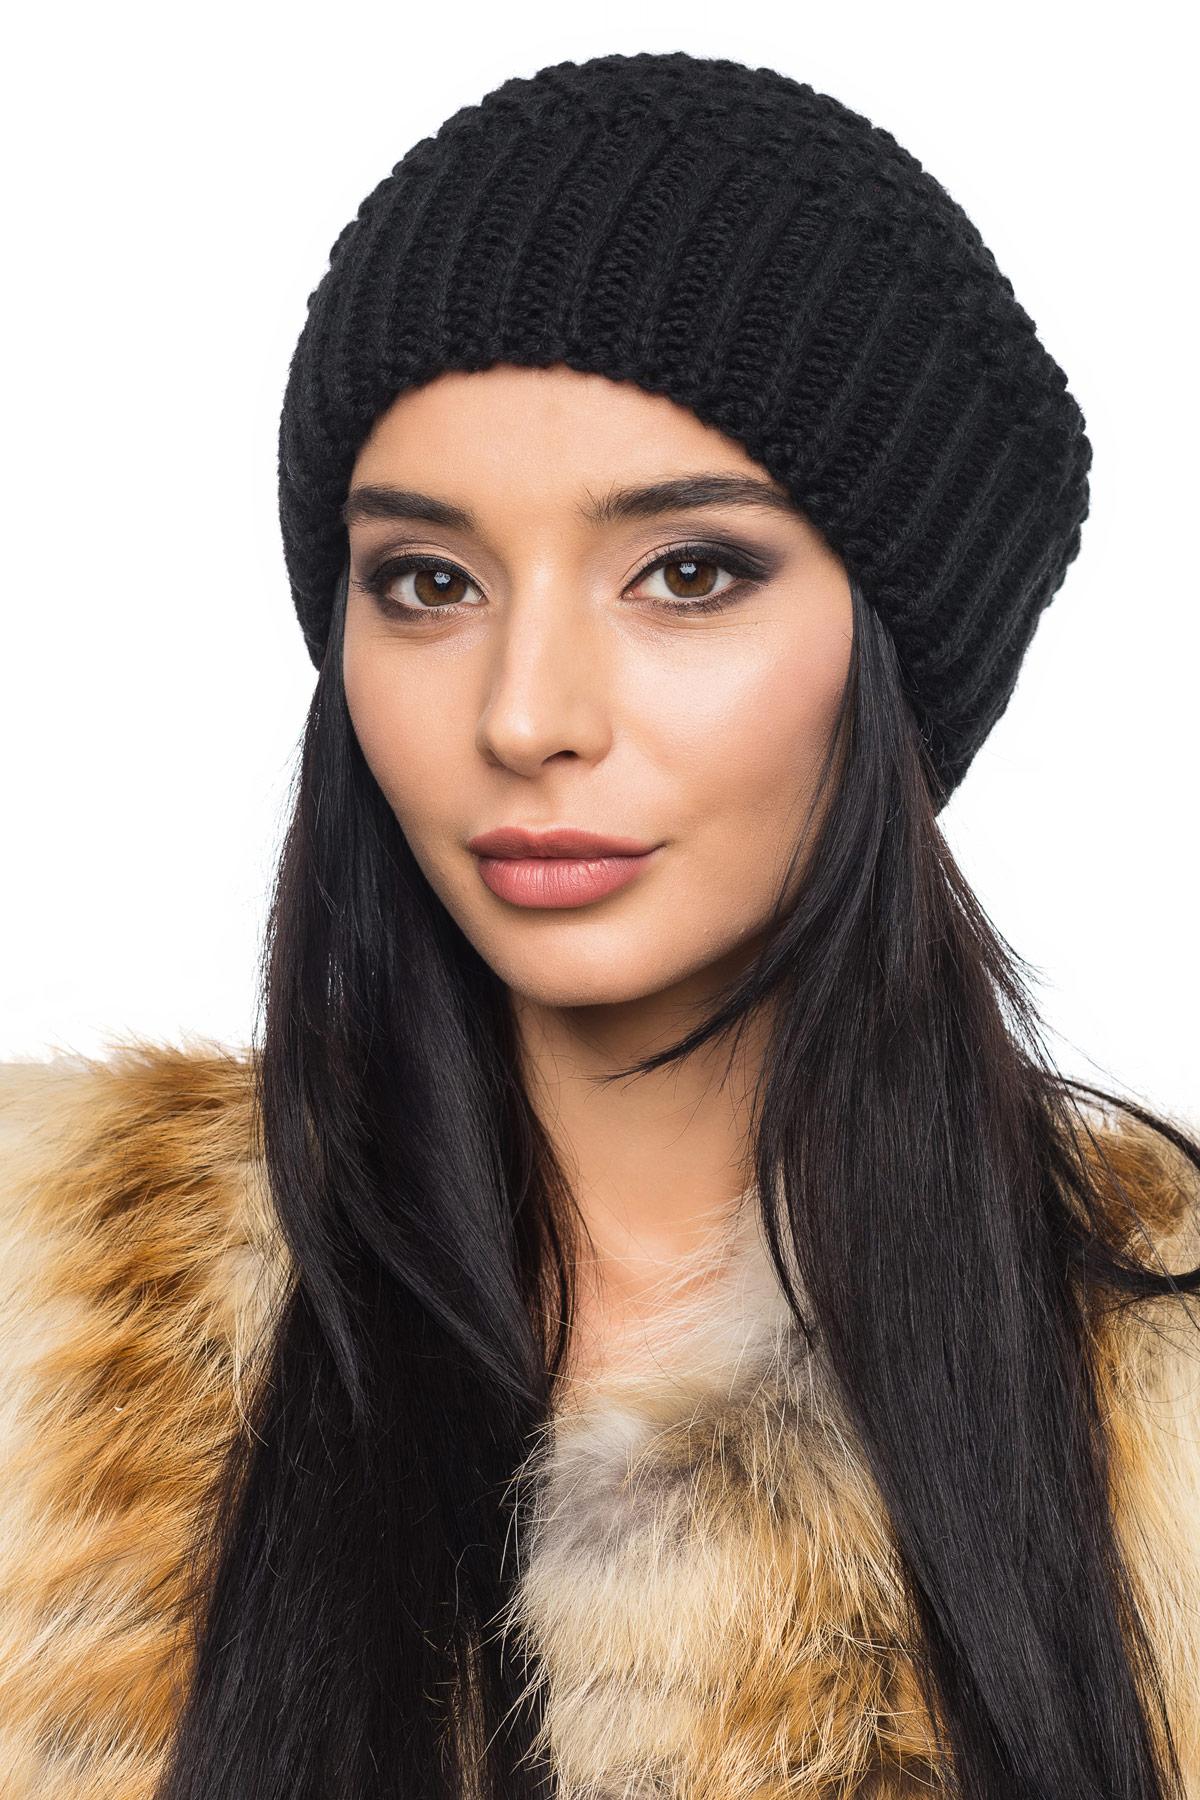 купить вязаную шапку черного цвета с широкой резинкой